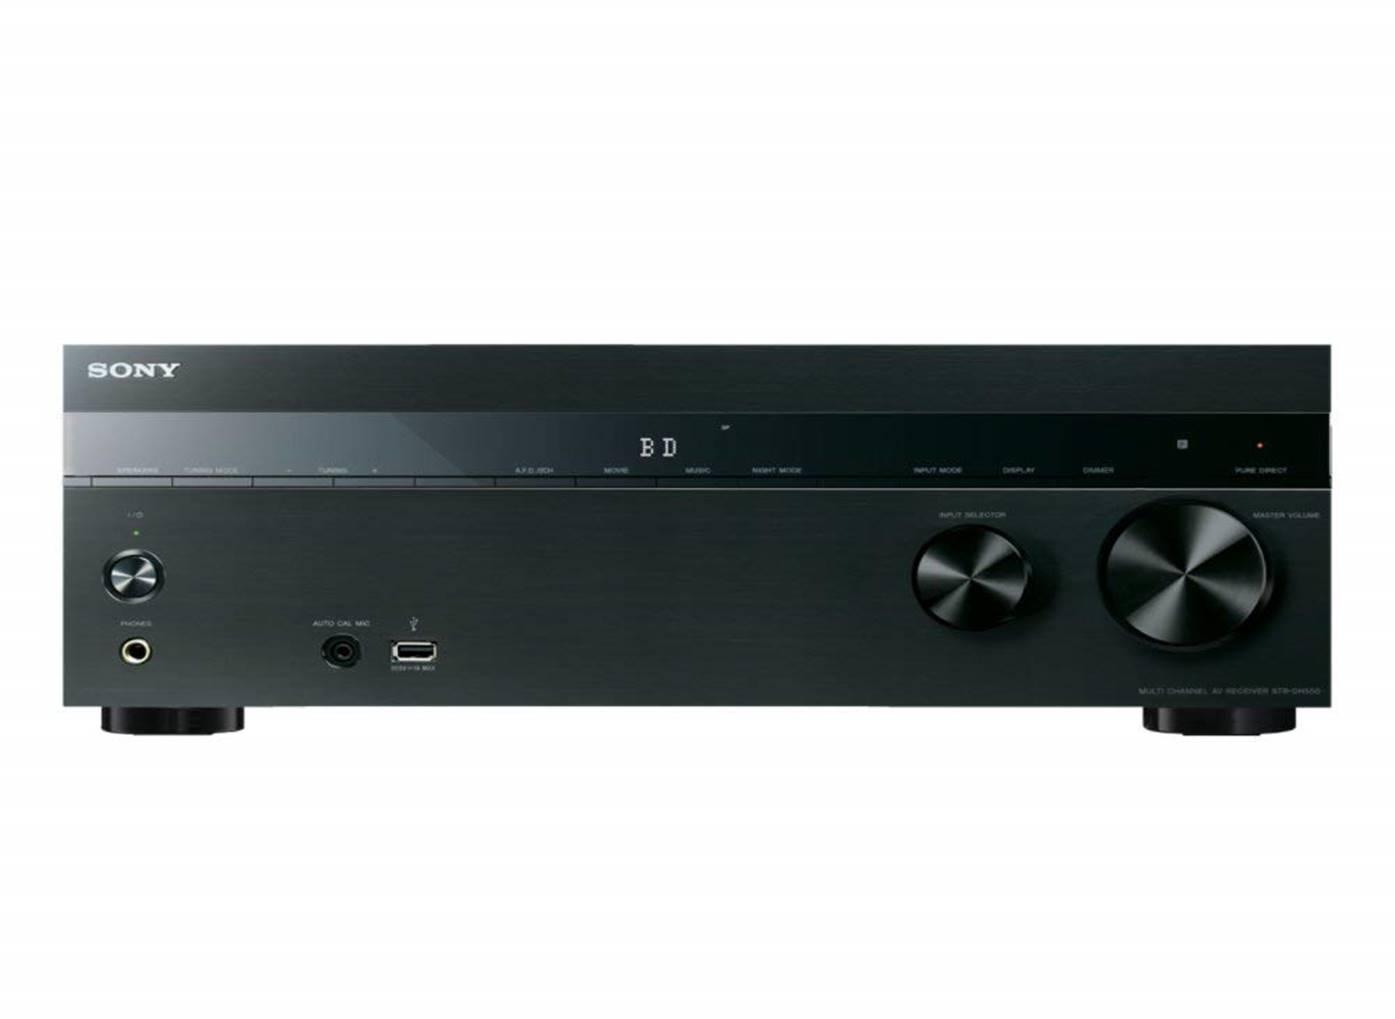 Sony STRDH550 Surround Sound Receiver